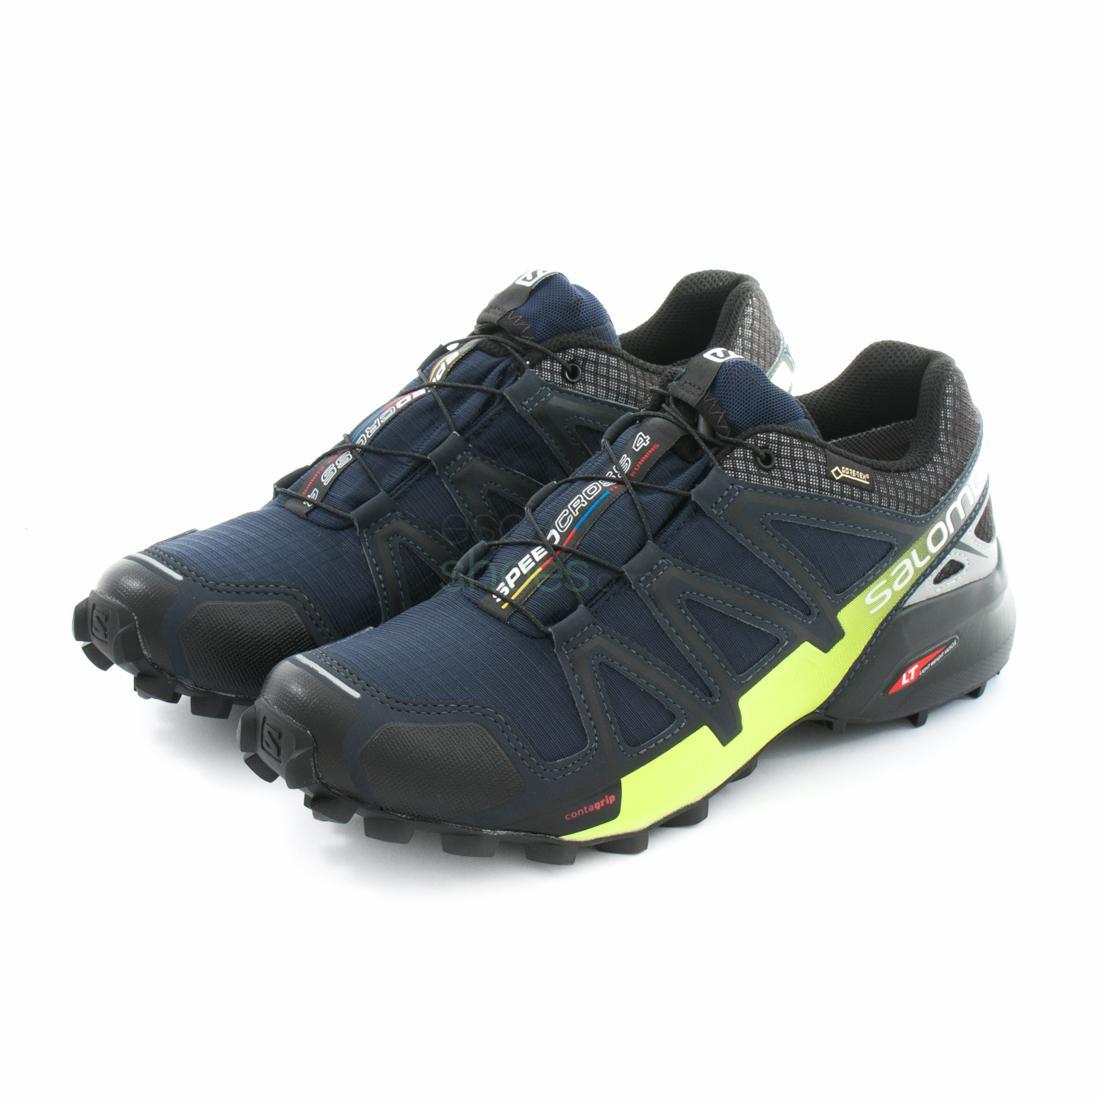 baskets pour pas cher 4b1e8 1fa06 Sneakers SALOMON Speedcross 4 Nocturne Gore-Tex Navy 394456